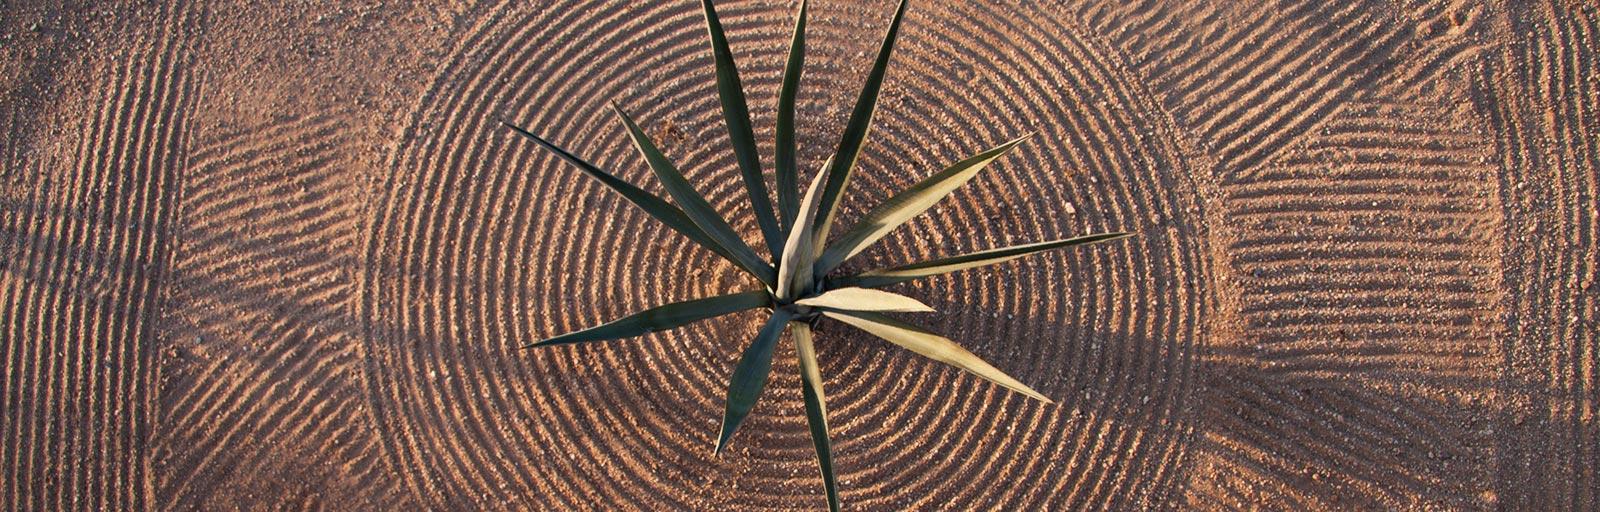 Meditation & Yoga Retreats in Mexico: Agave & Raked Sand